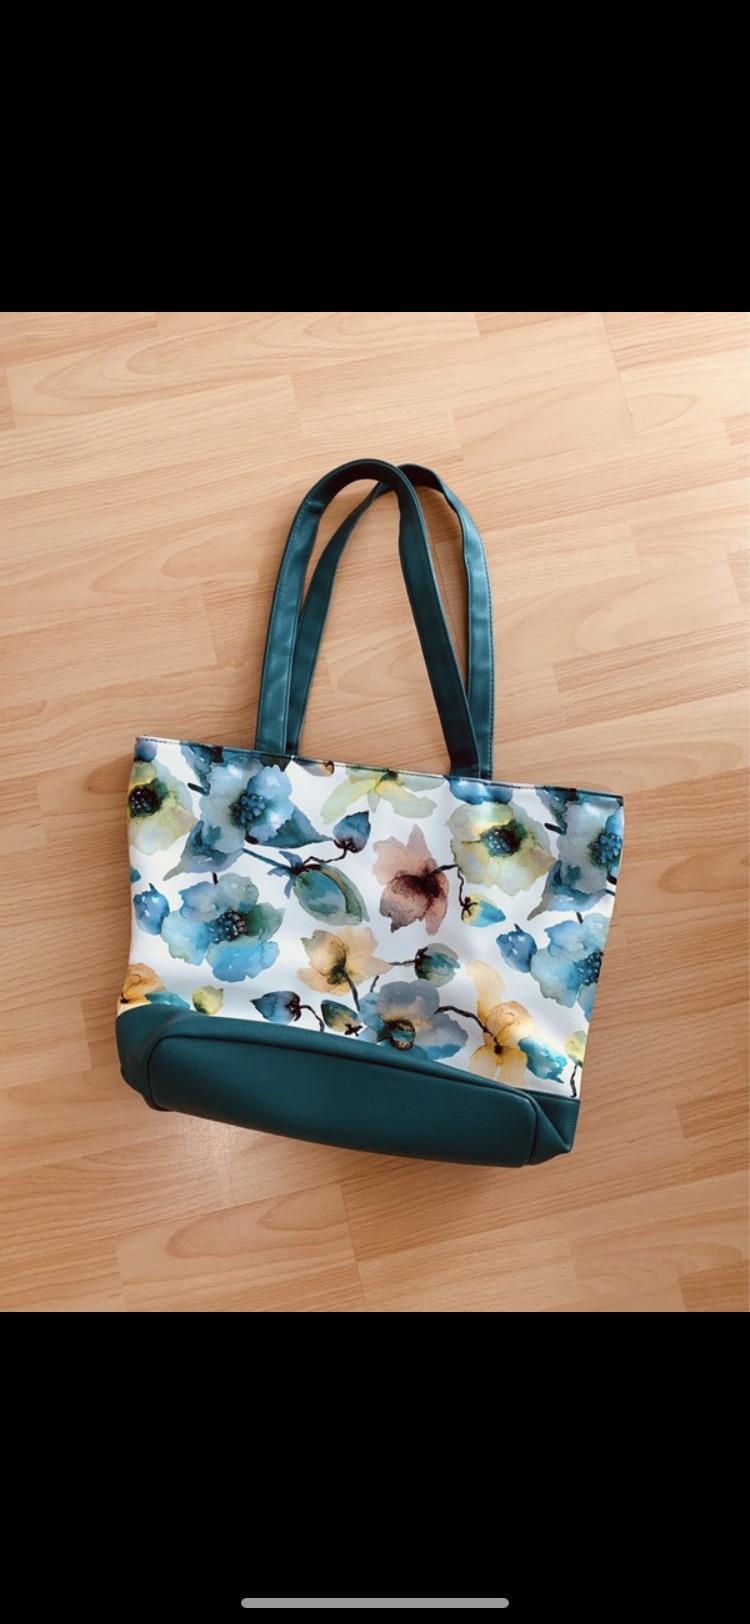 Handtasche mit Blümchen muster  tauschen